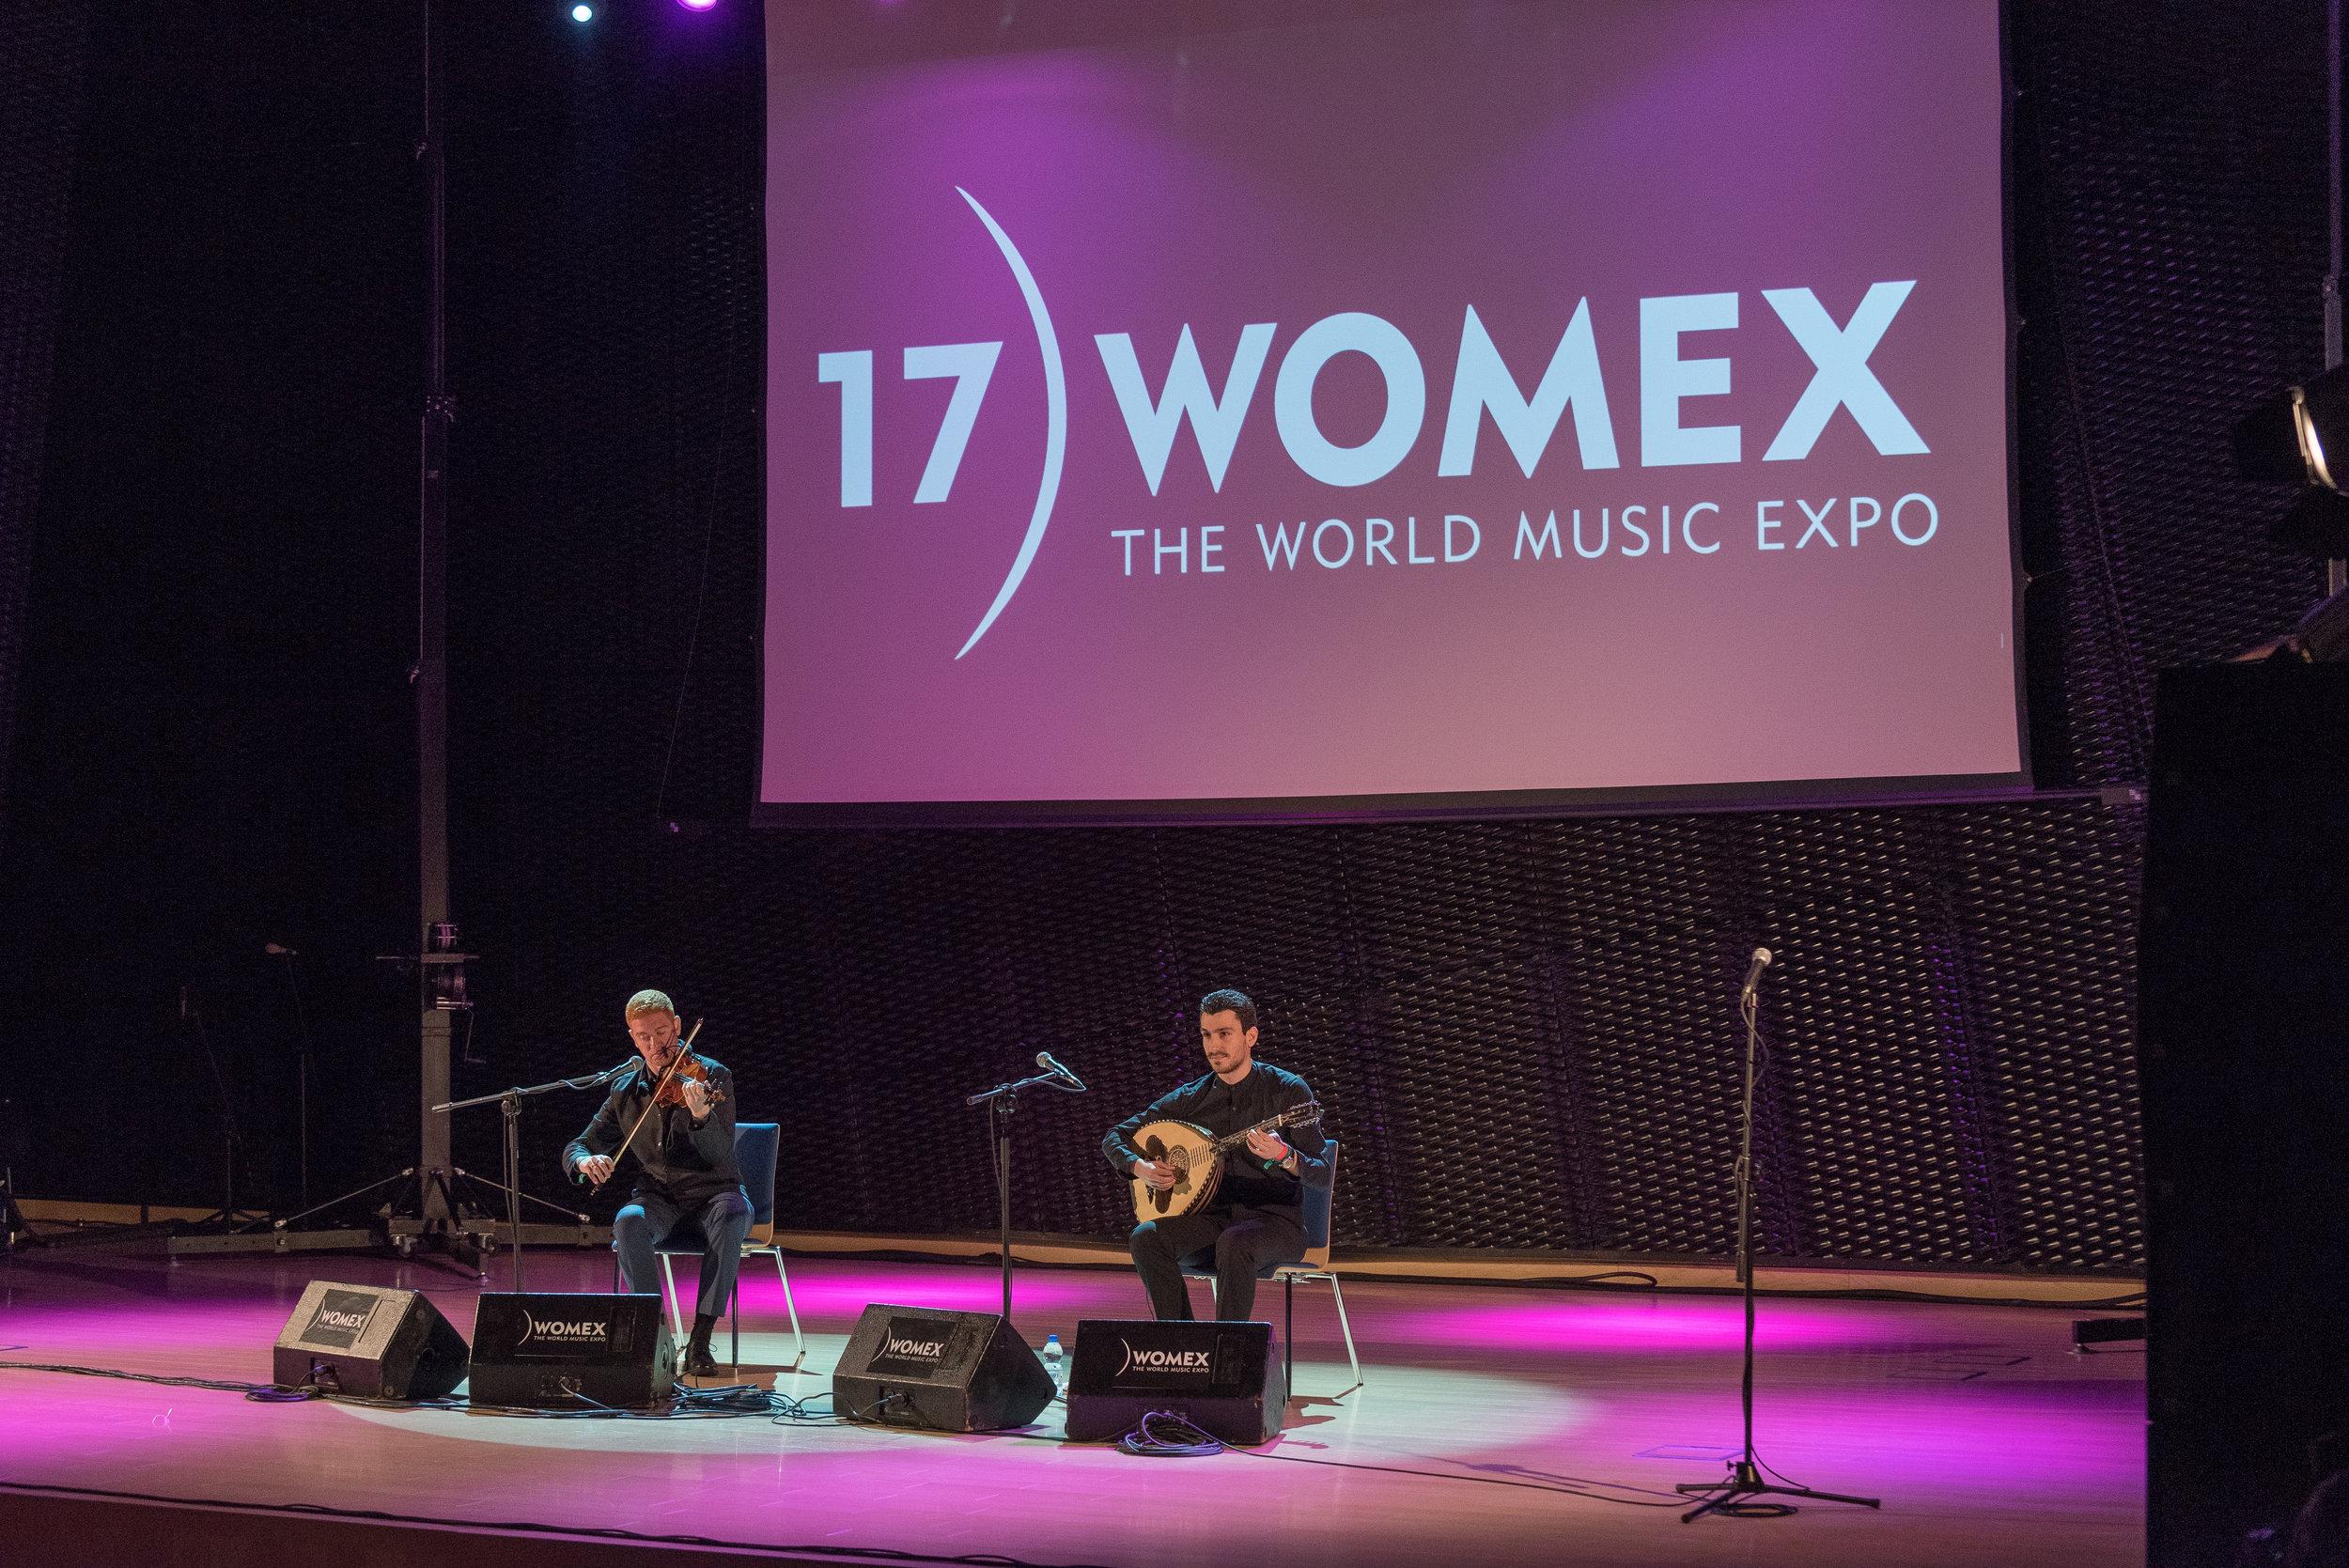 Womex 2017 Katowice, Poland-Vasilis Kostas & Layth Sidiq Duo.jpg